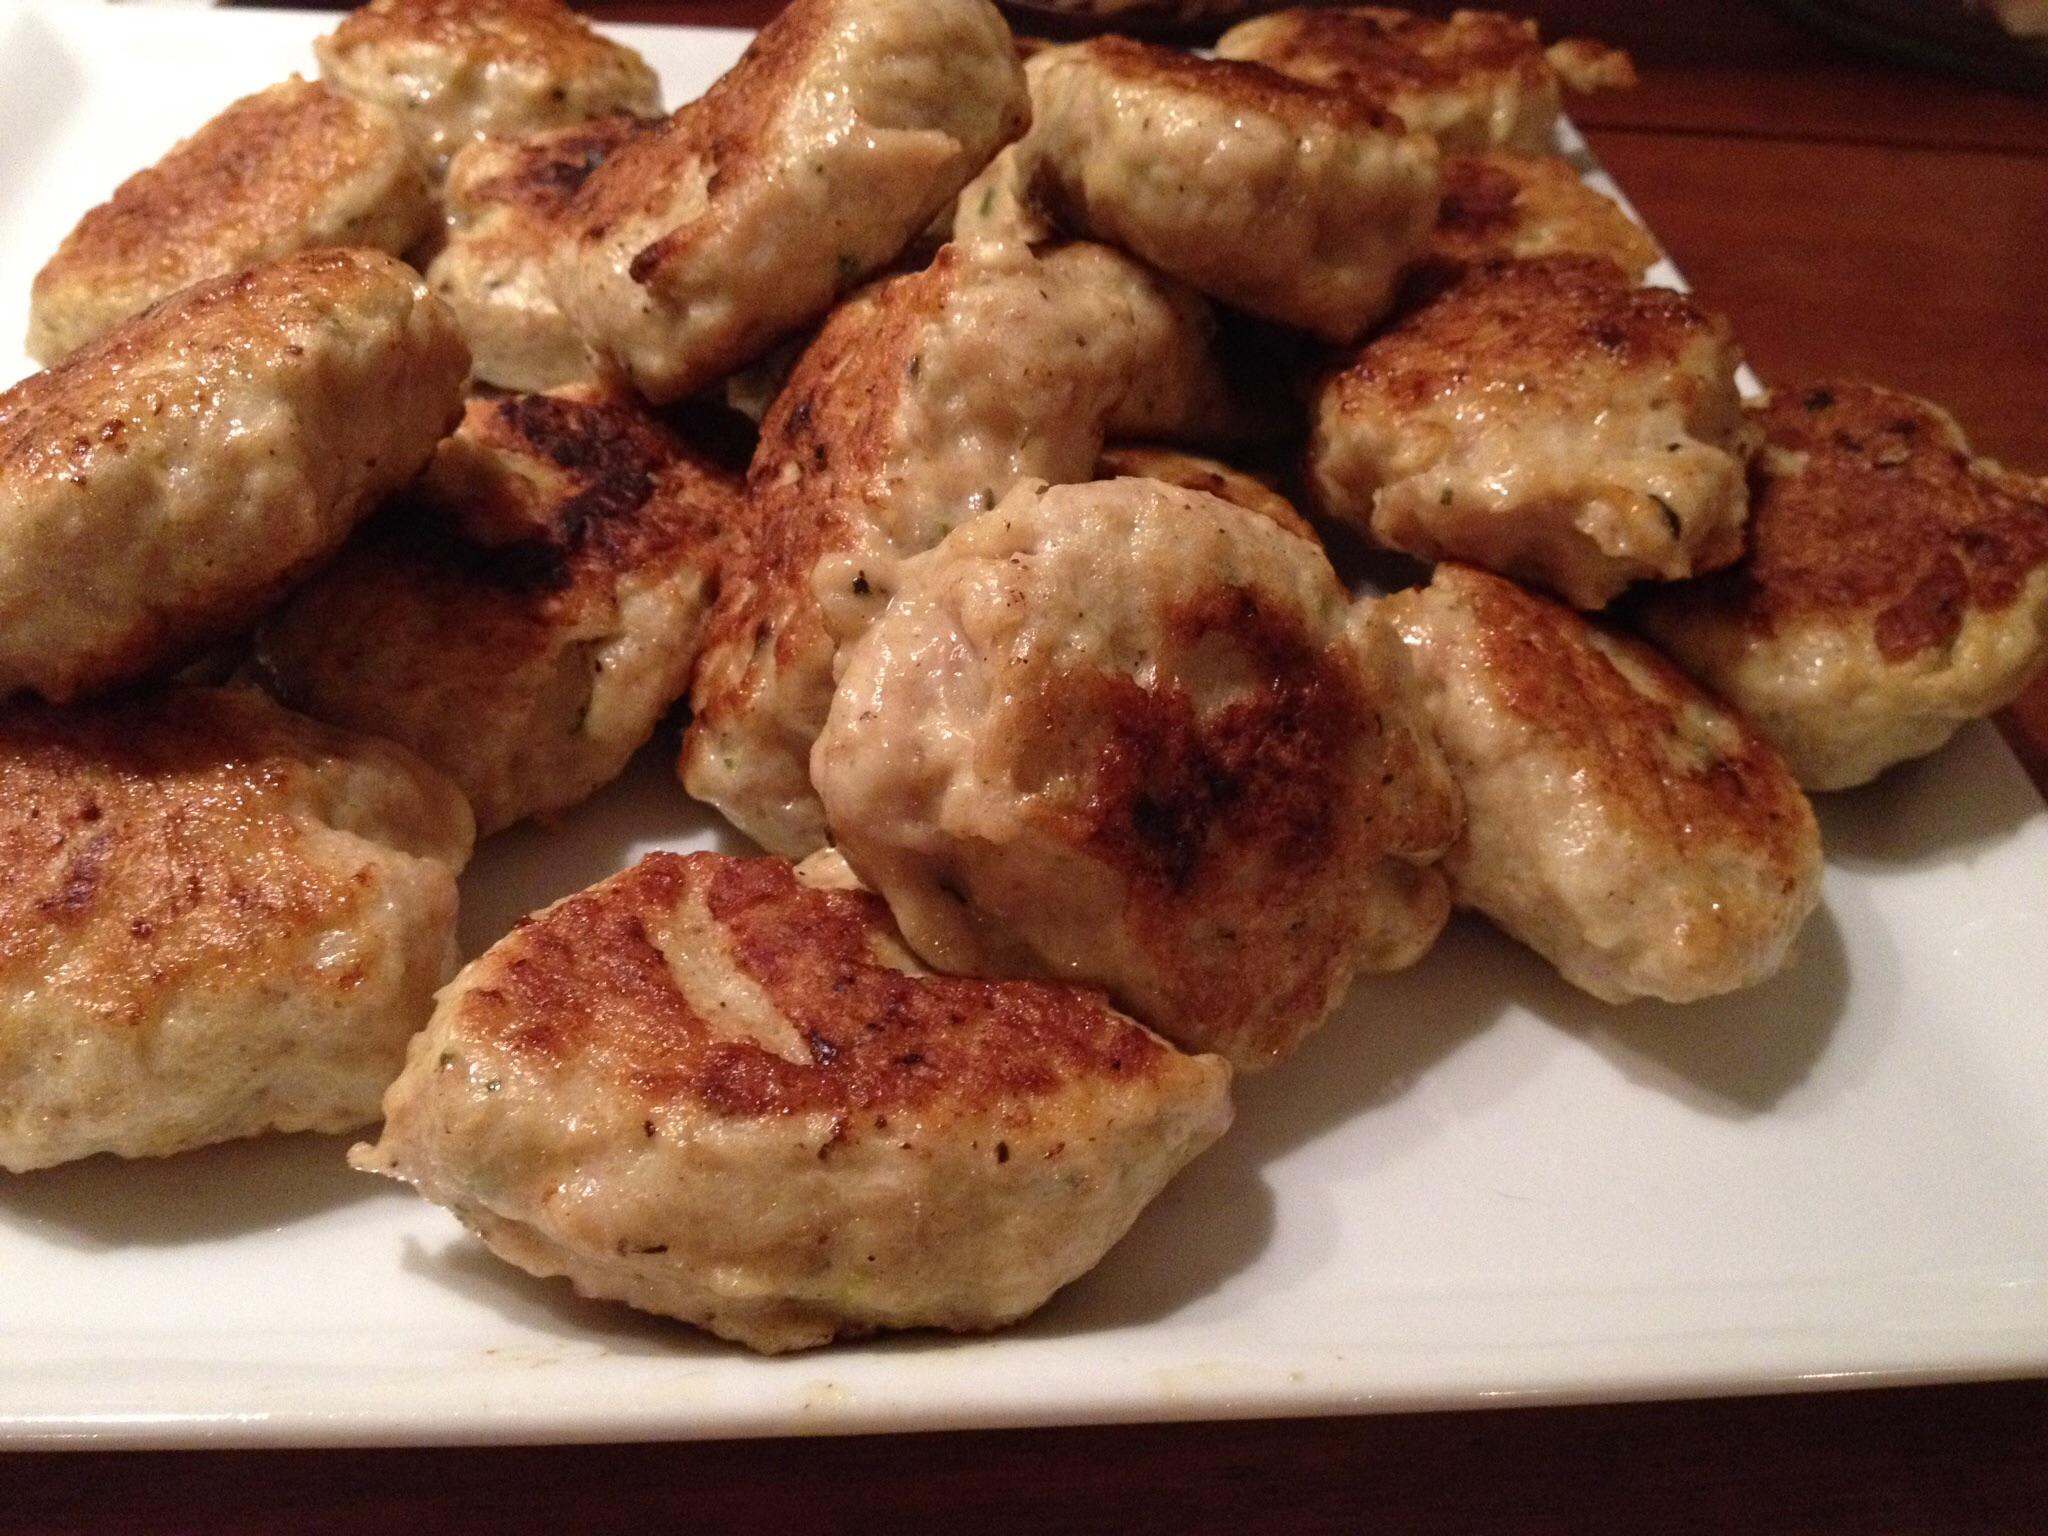 Kyllingefrikadeller eller suppeboller